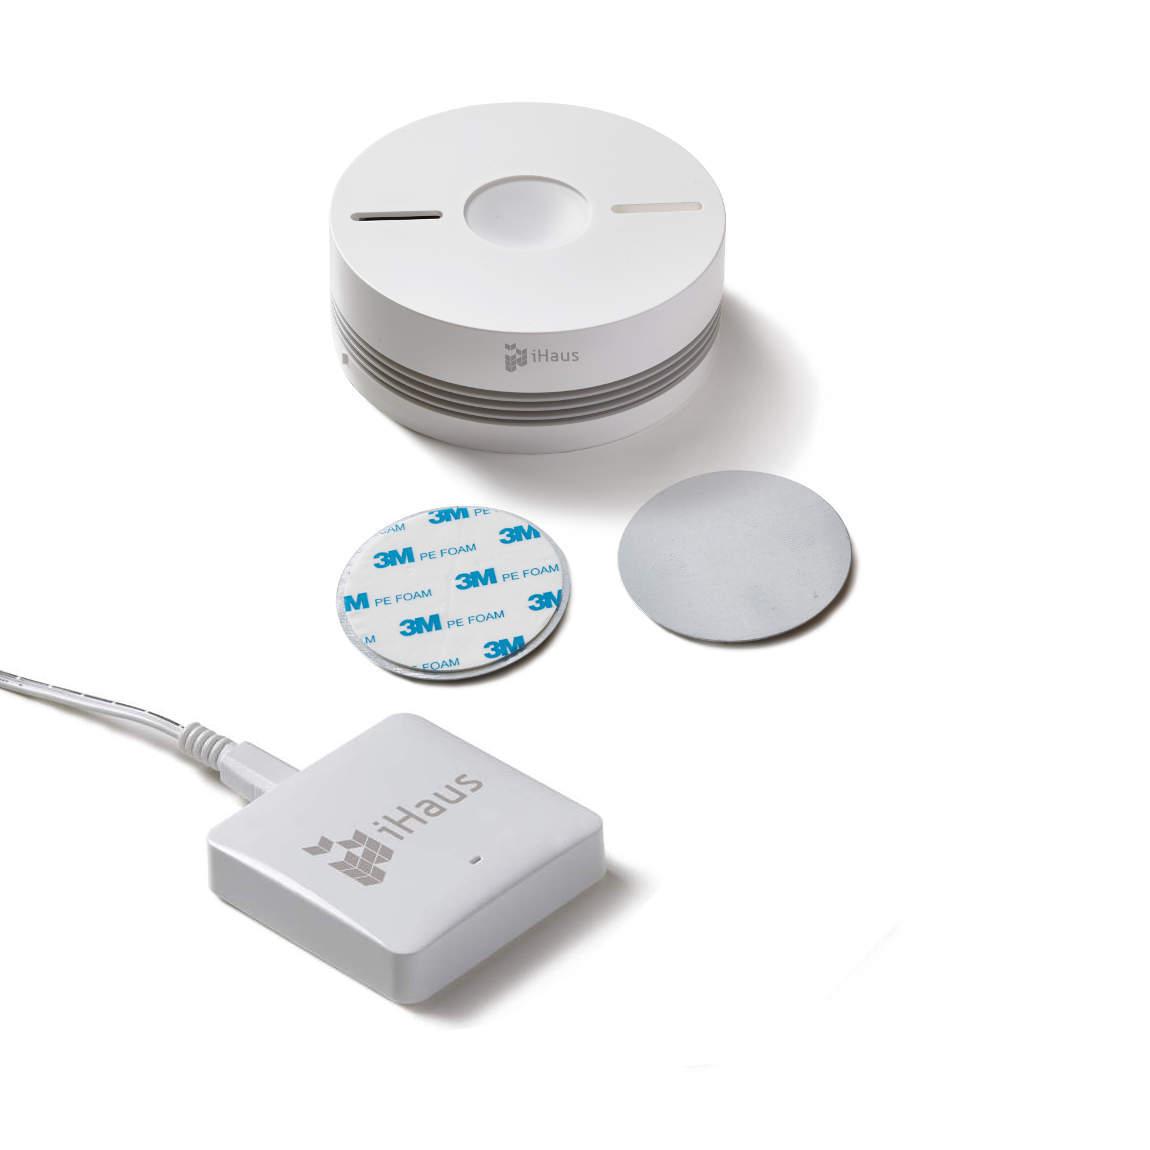 iHaus Gateway + Rauch- und Wärmemelder - weiß